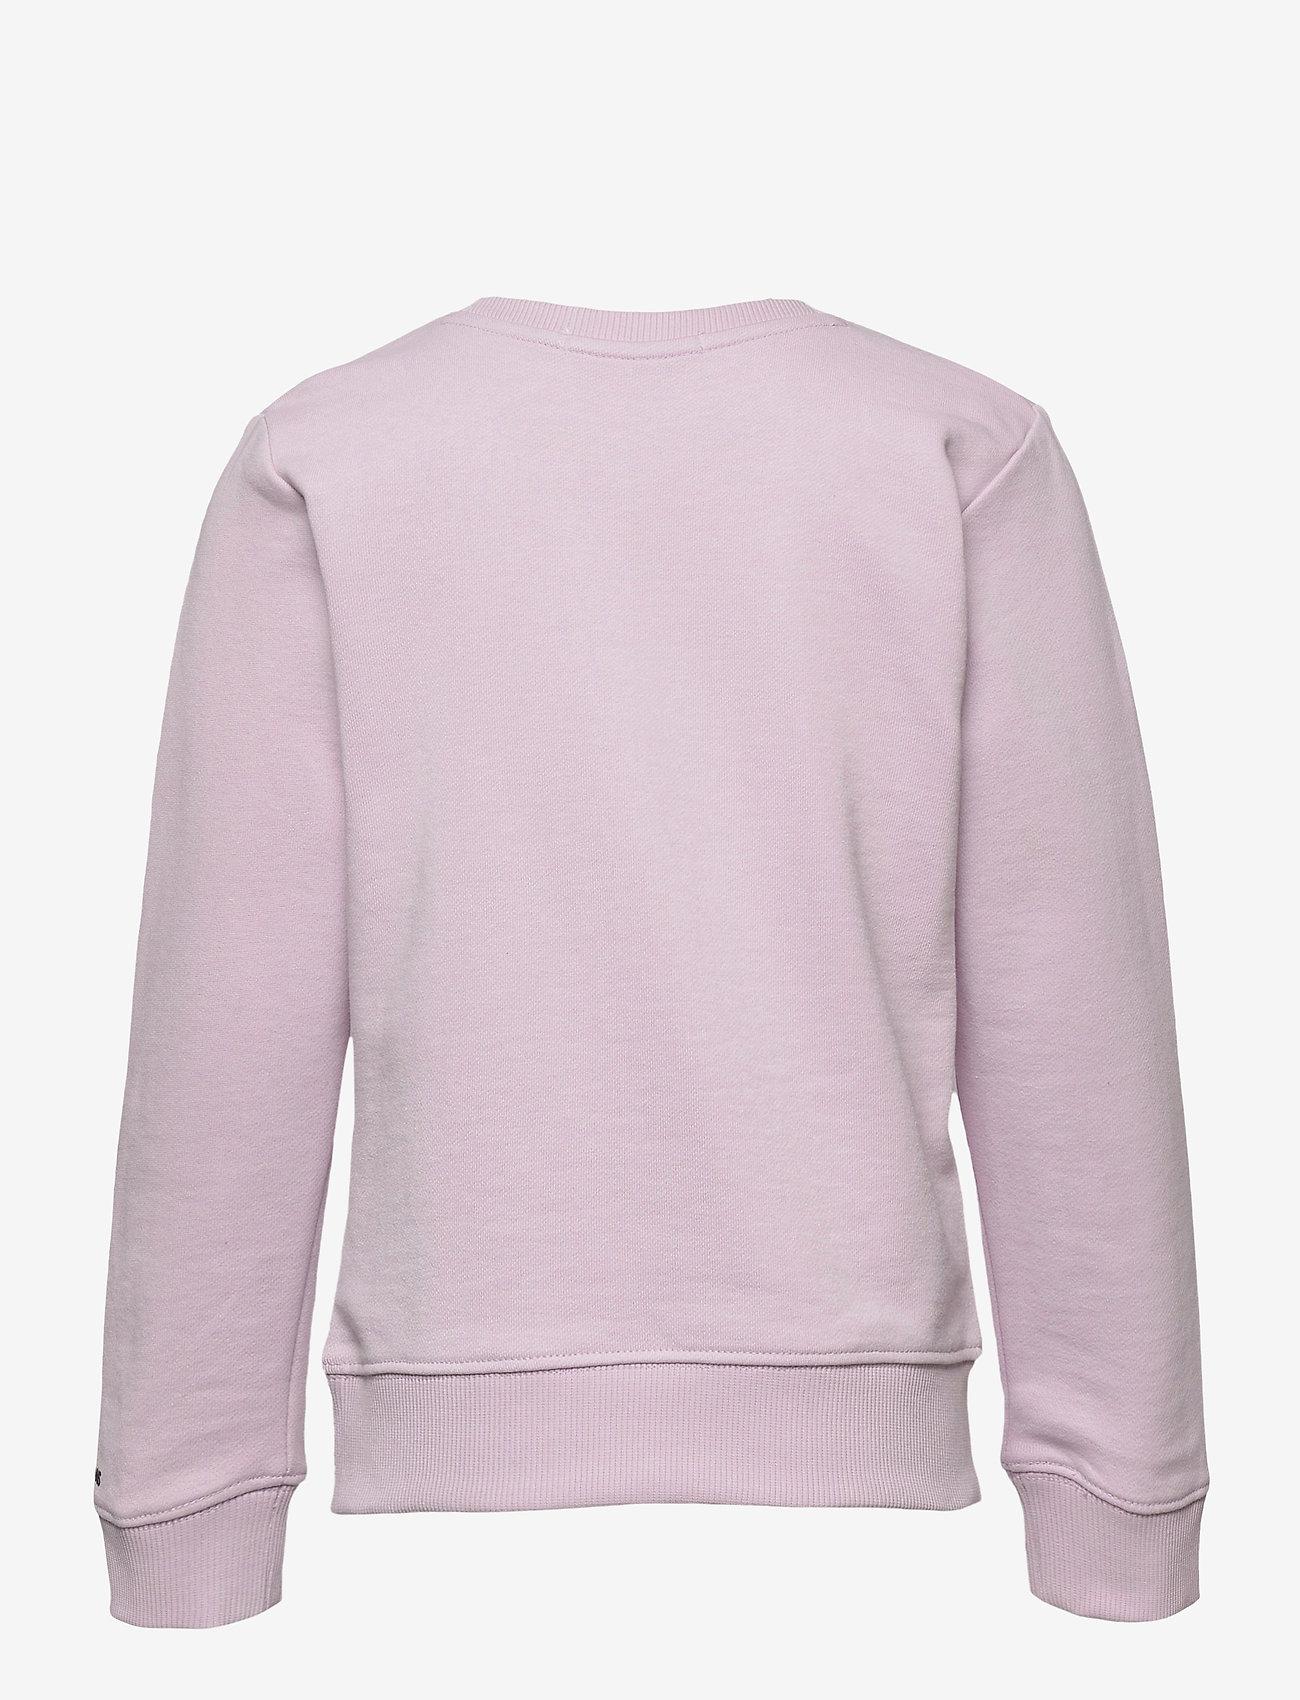 Calvin Klein - CIRCLE MONOGRAM SWEATSHIRT - sweatshirts - lavender pink - 1